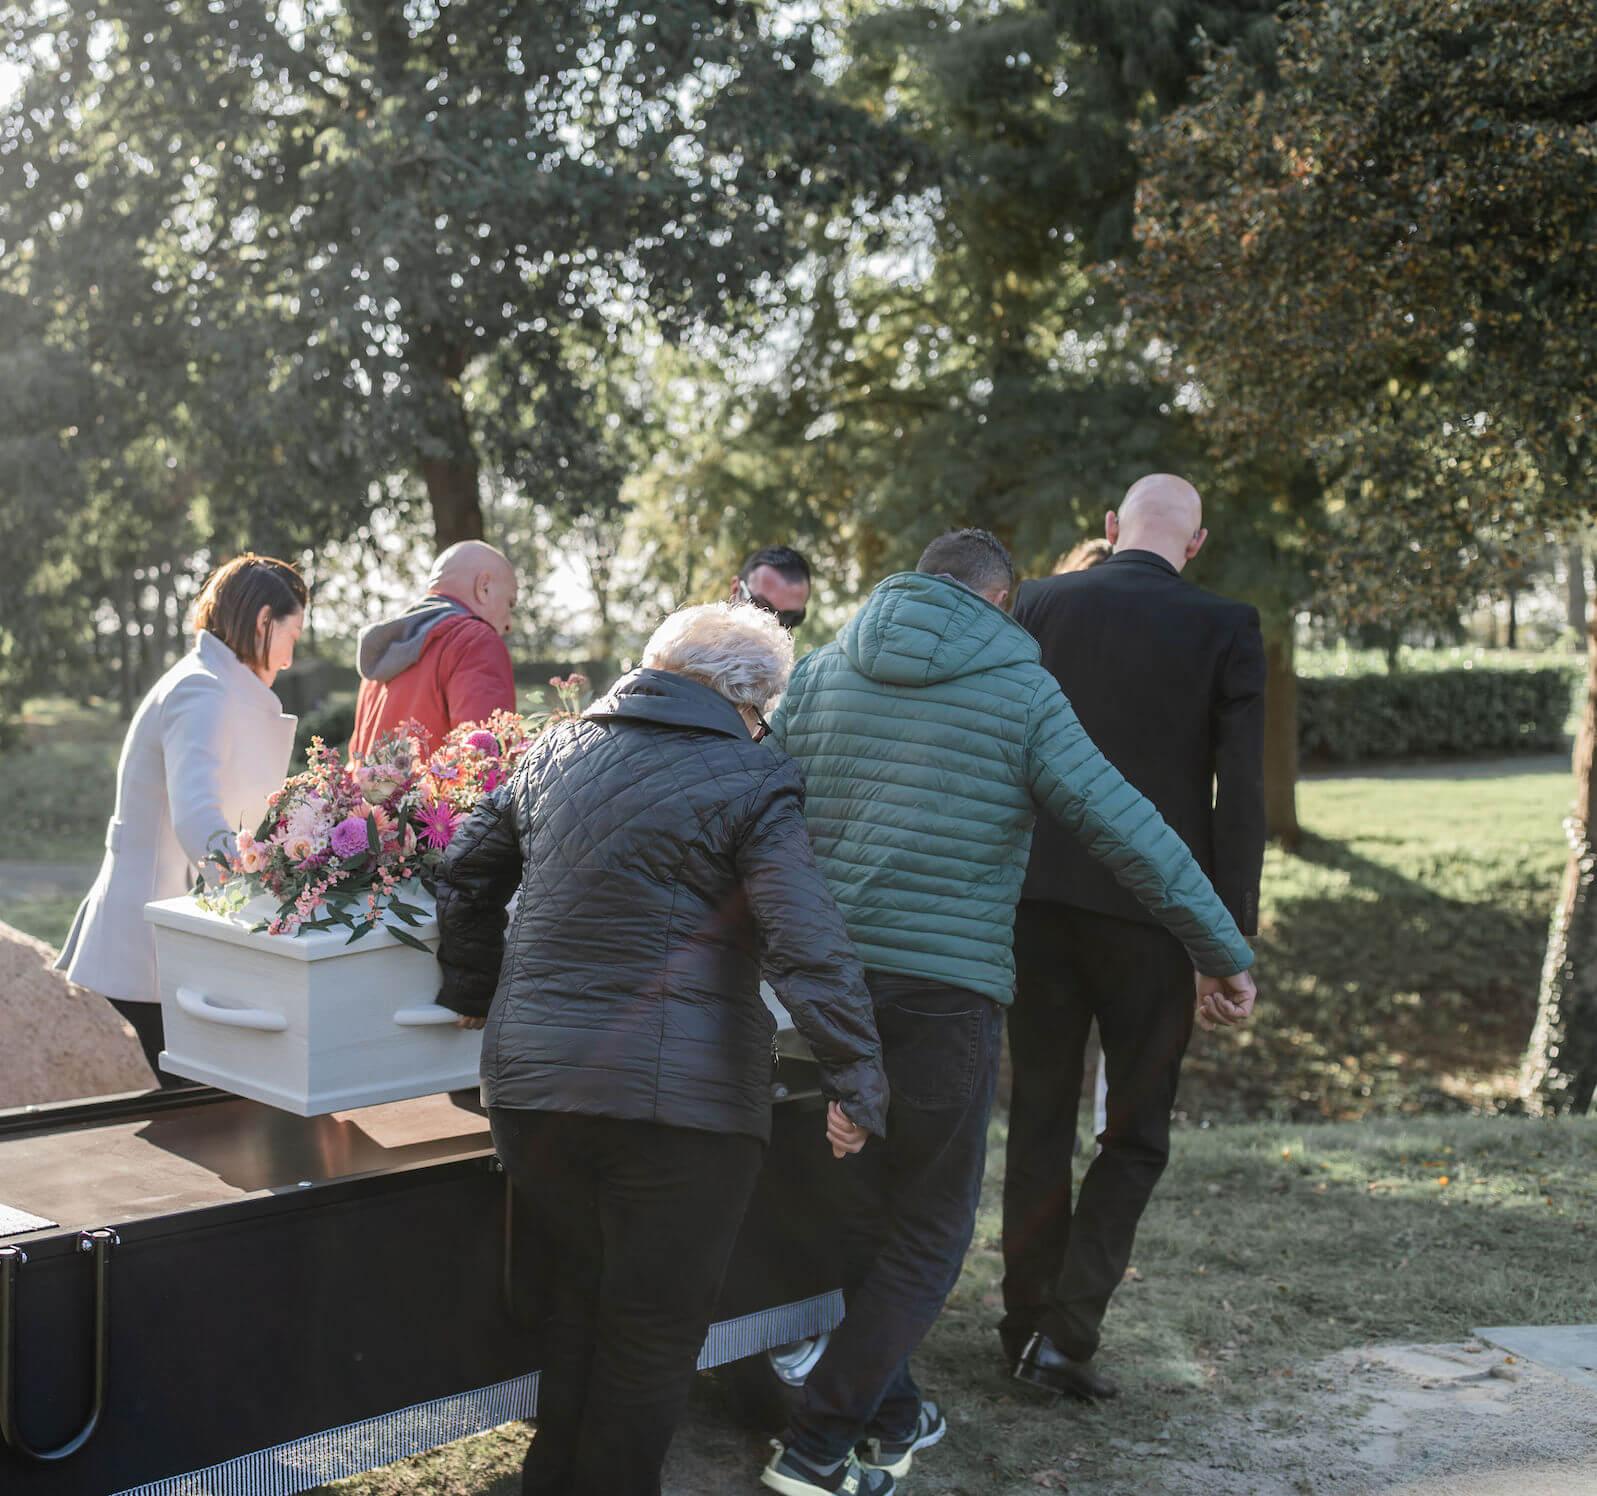 kist op rijdende baar begrafenis graf Carspelhof Weesp Noord-Holland